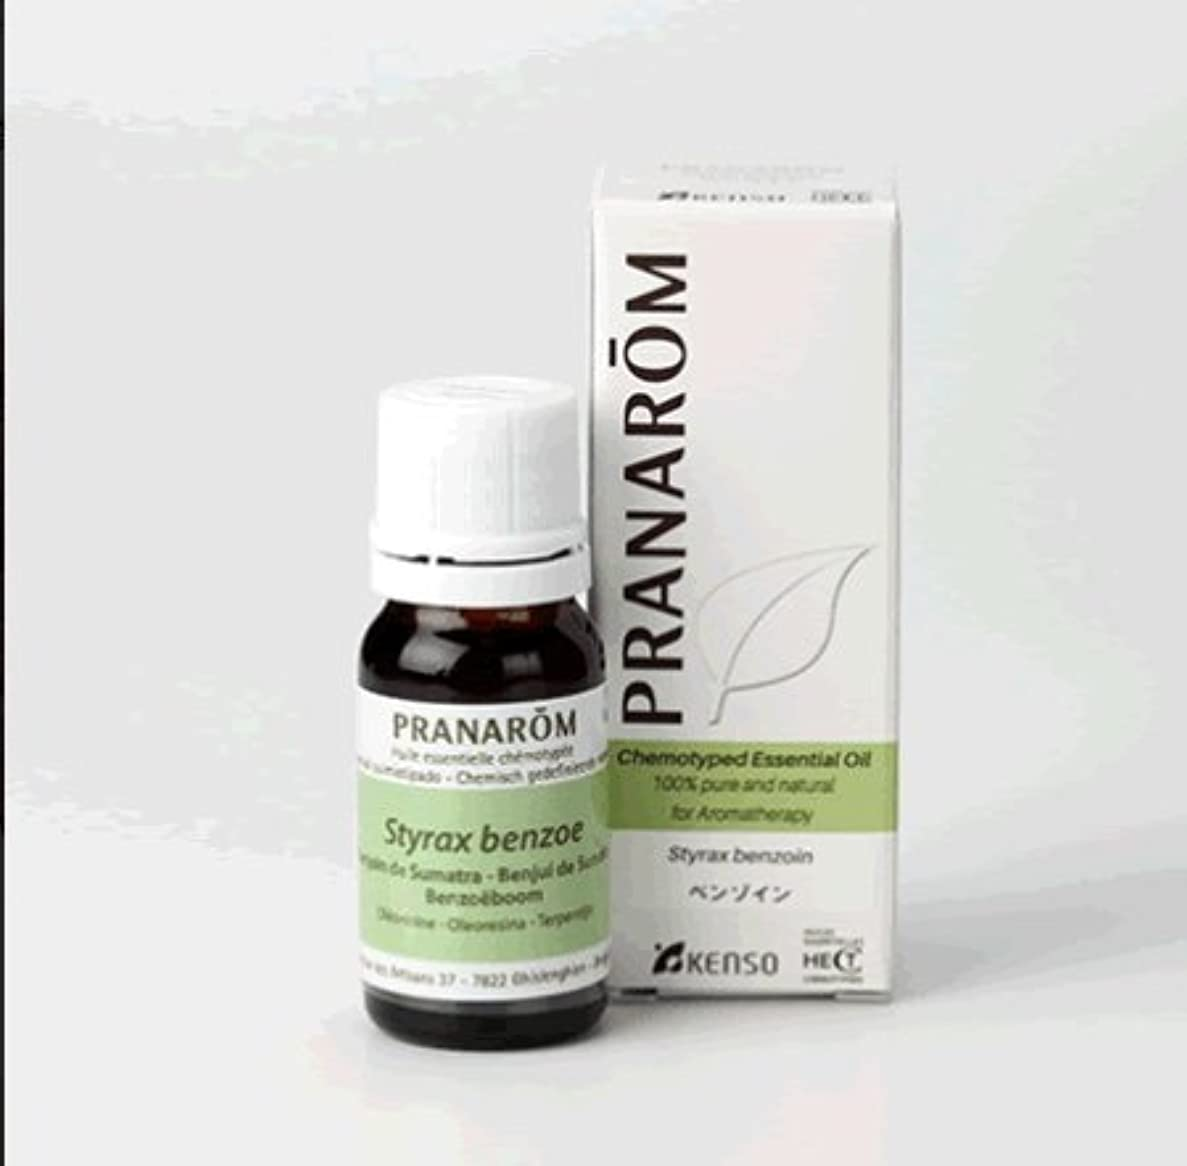 上向き分析的な十分にベンゾイン 10mlベースノート プラナロム社エッセンシャルオイル(精油)